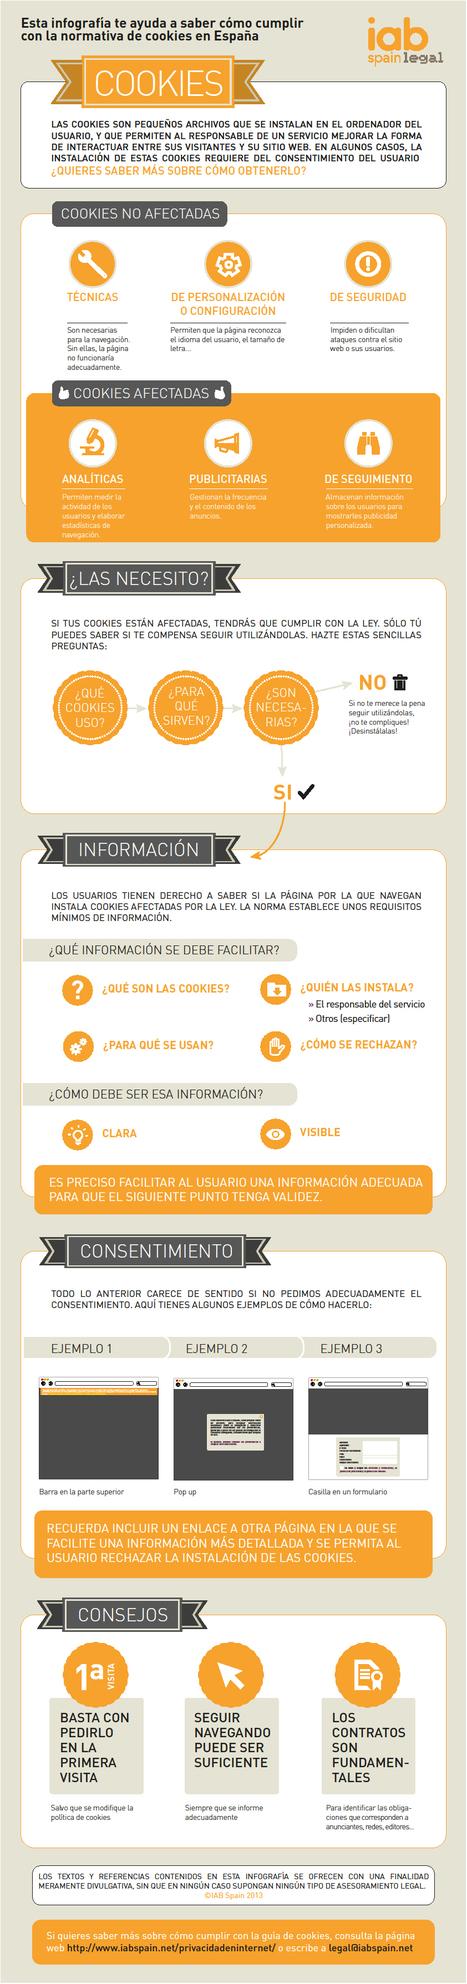 Aspectos clave para conocer cómo adaptarse a la normativa de cookies en España   Herramientas de marketing   Scoop.it